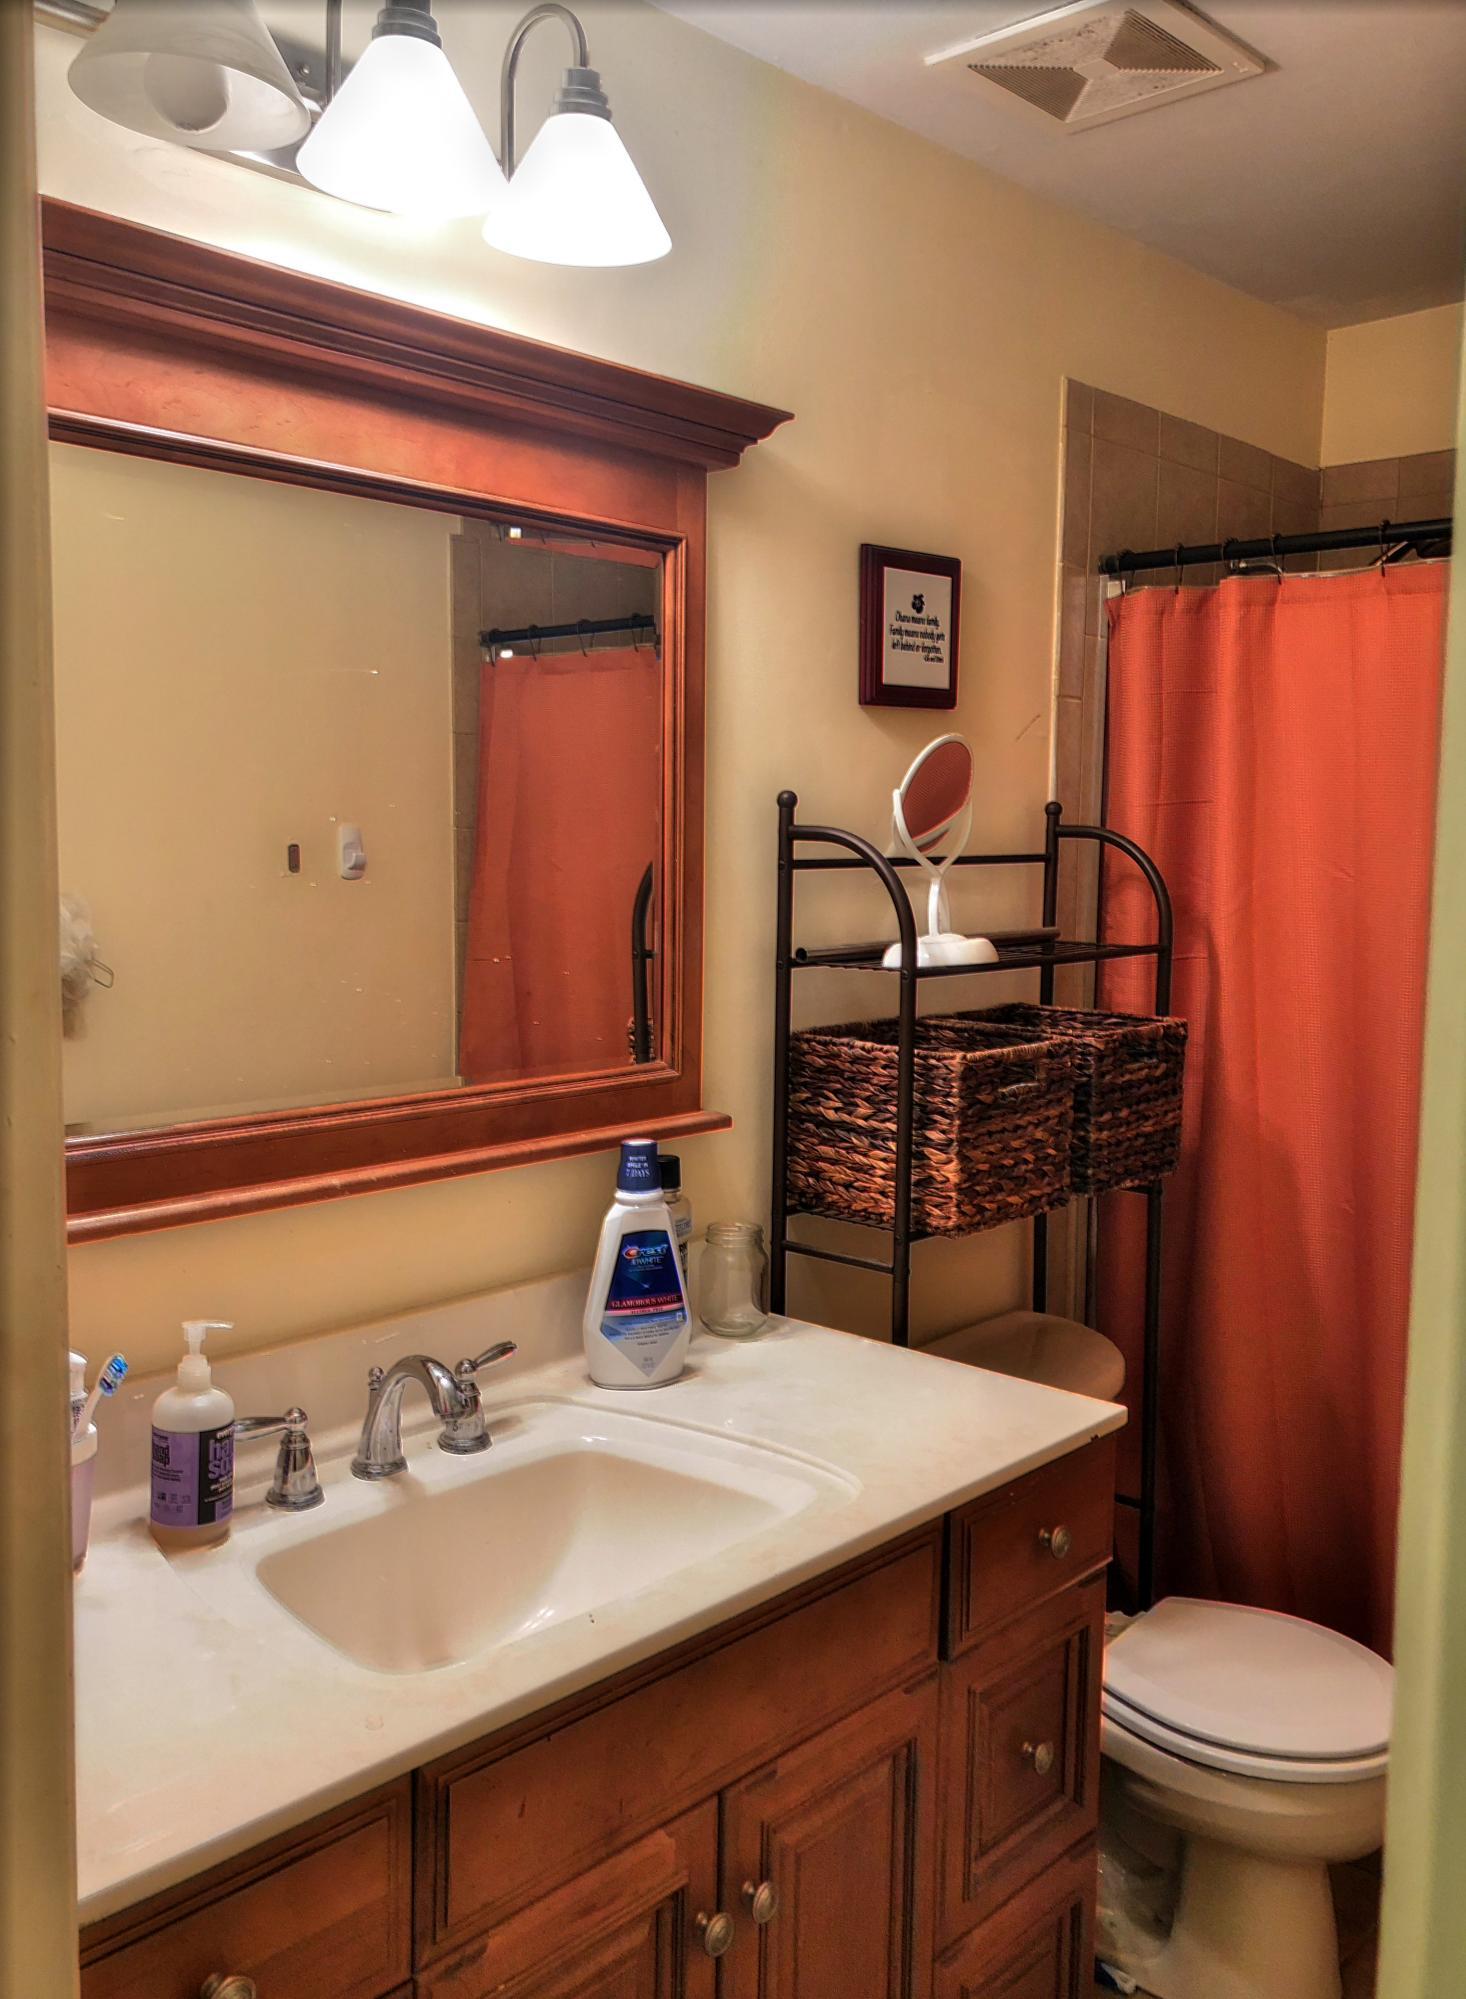 Harleston Village Homes For Sale - 188 Queen, Charleston, SC - 0